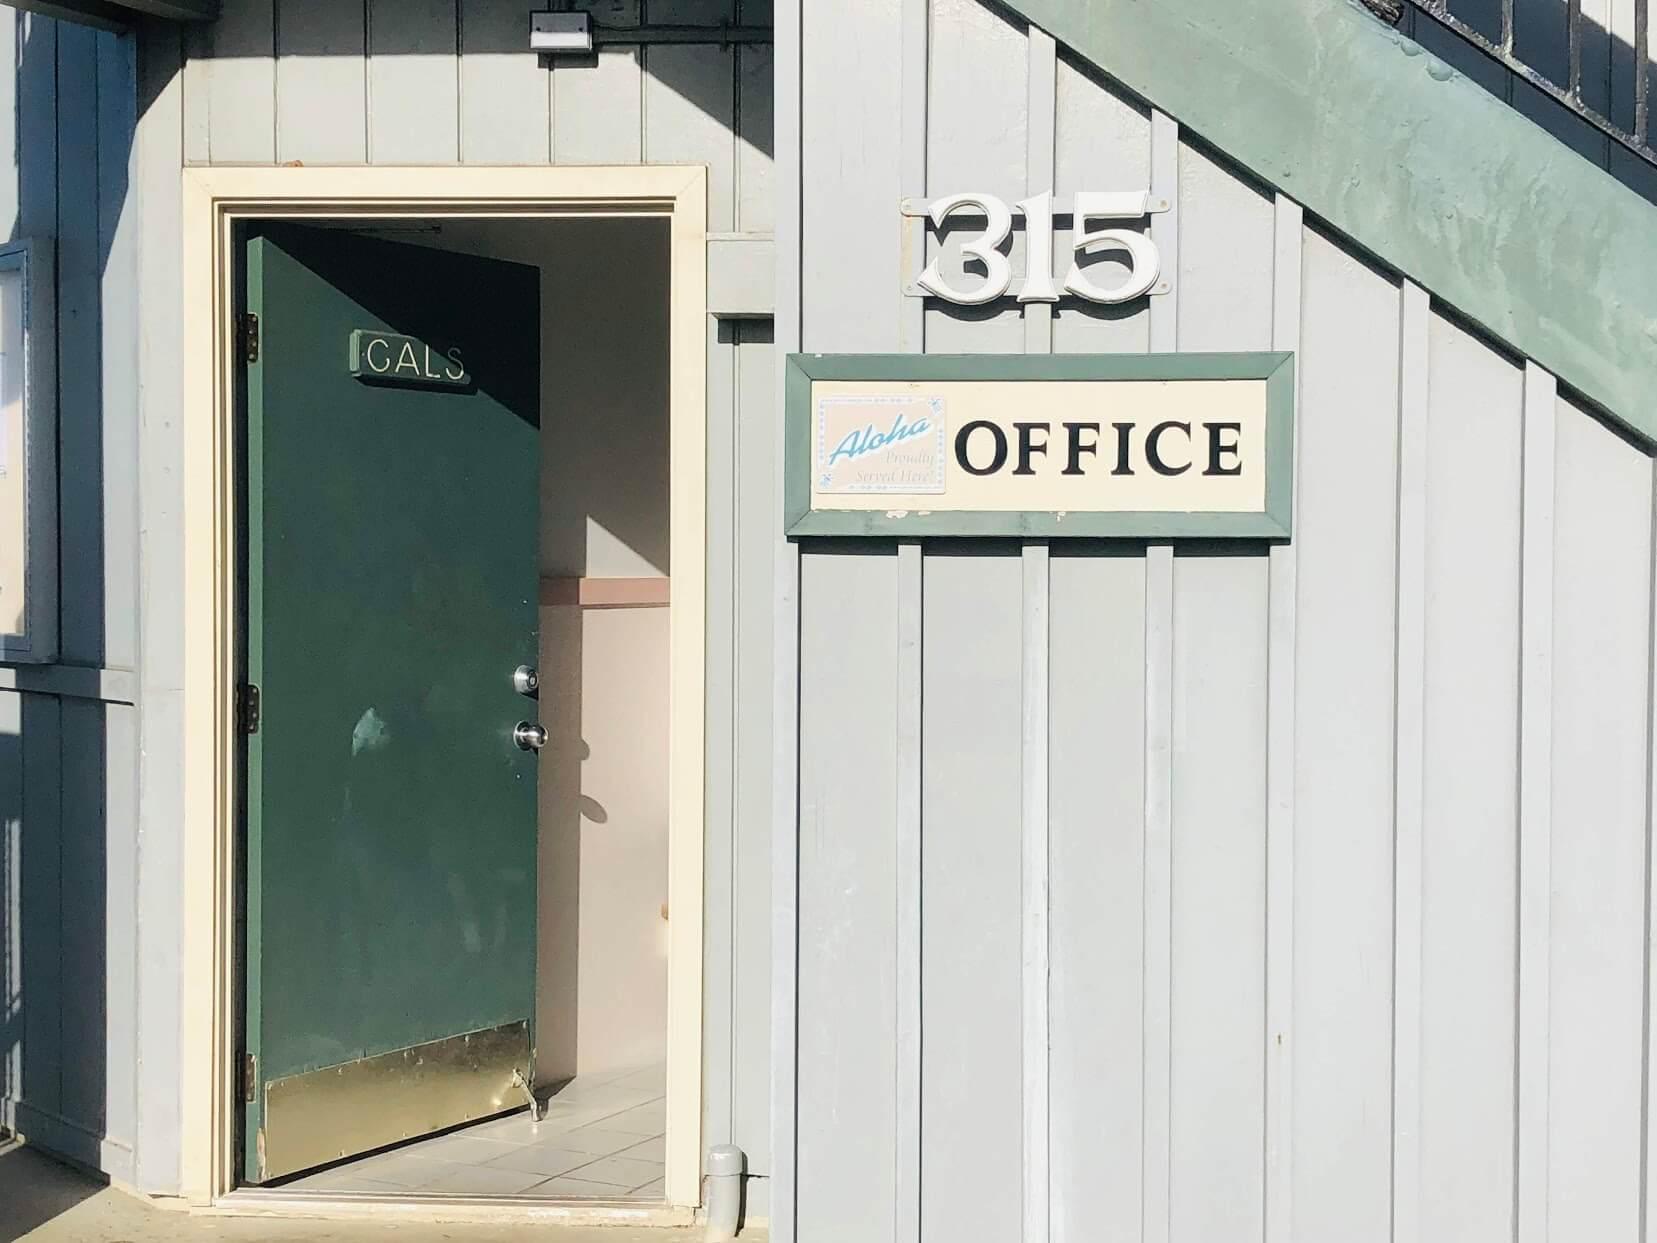 Koko Isleのオフィス